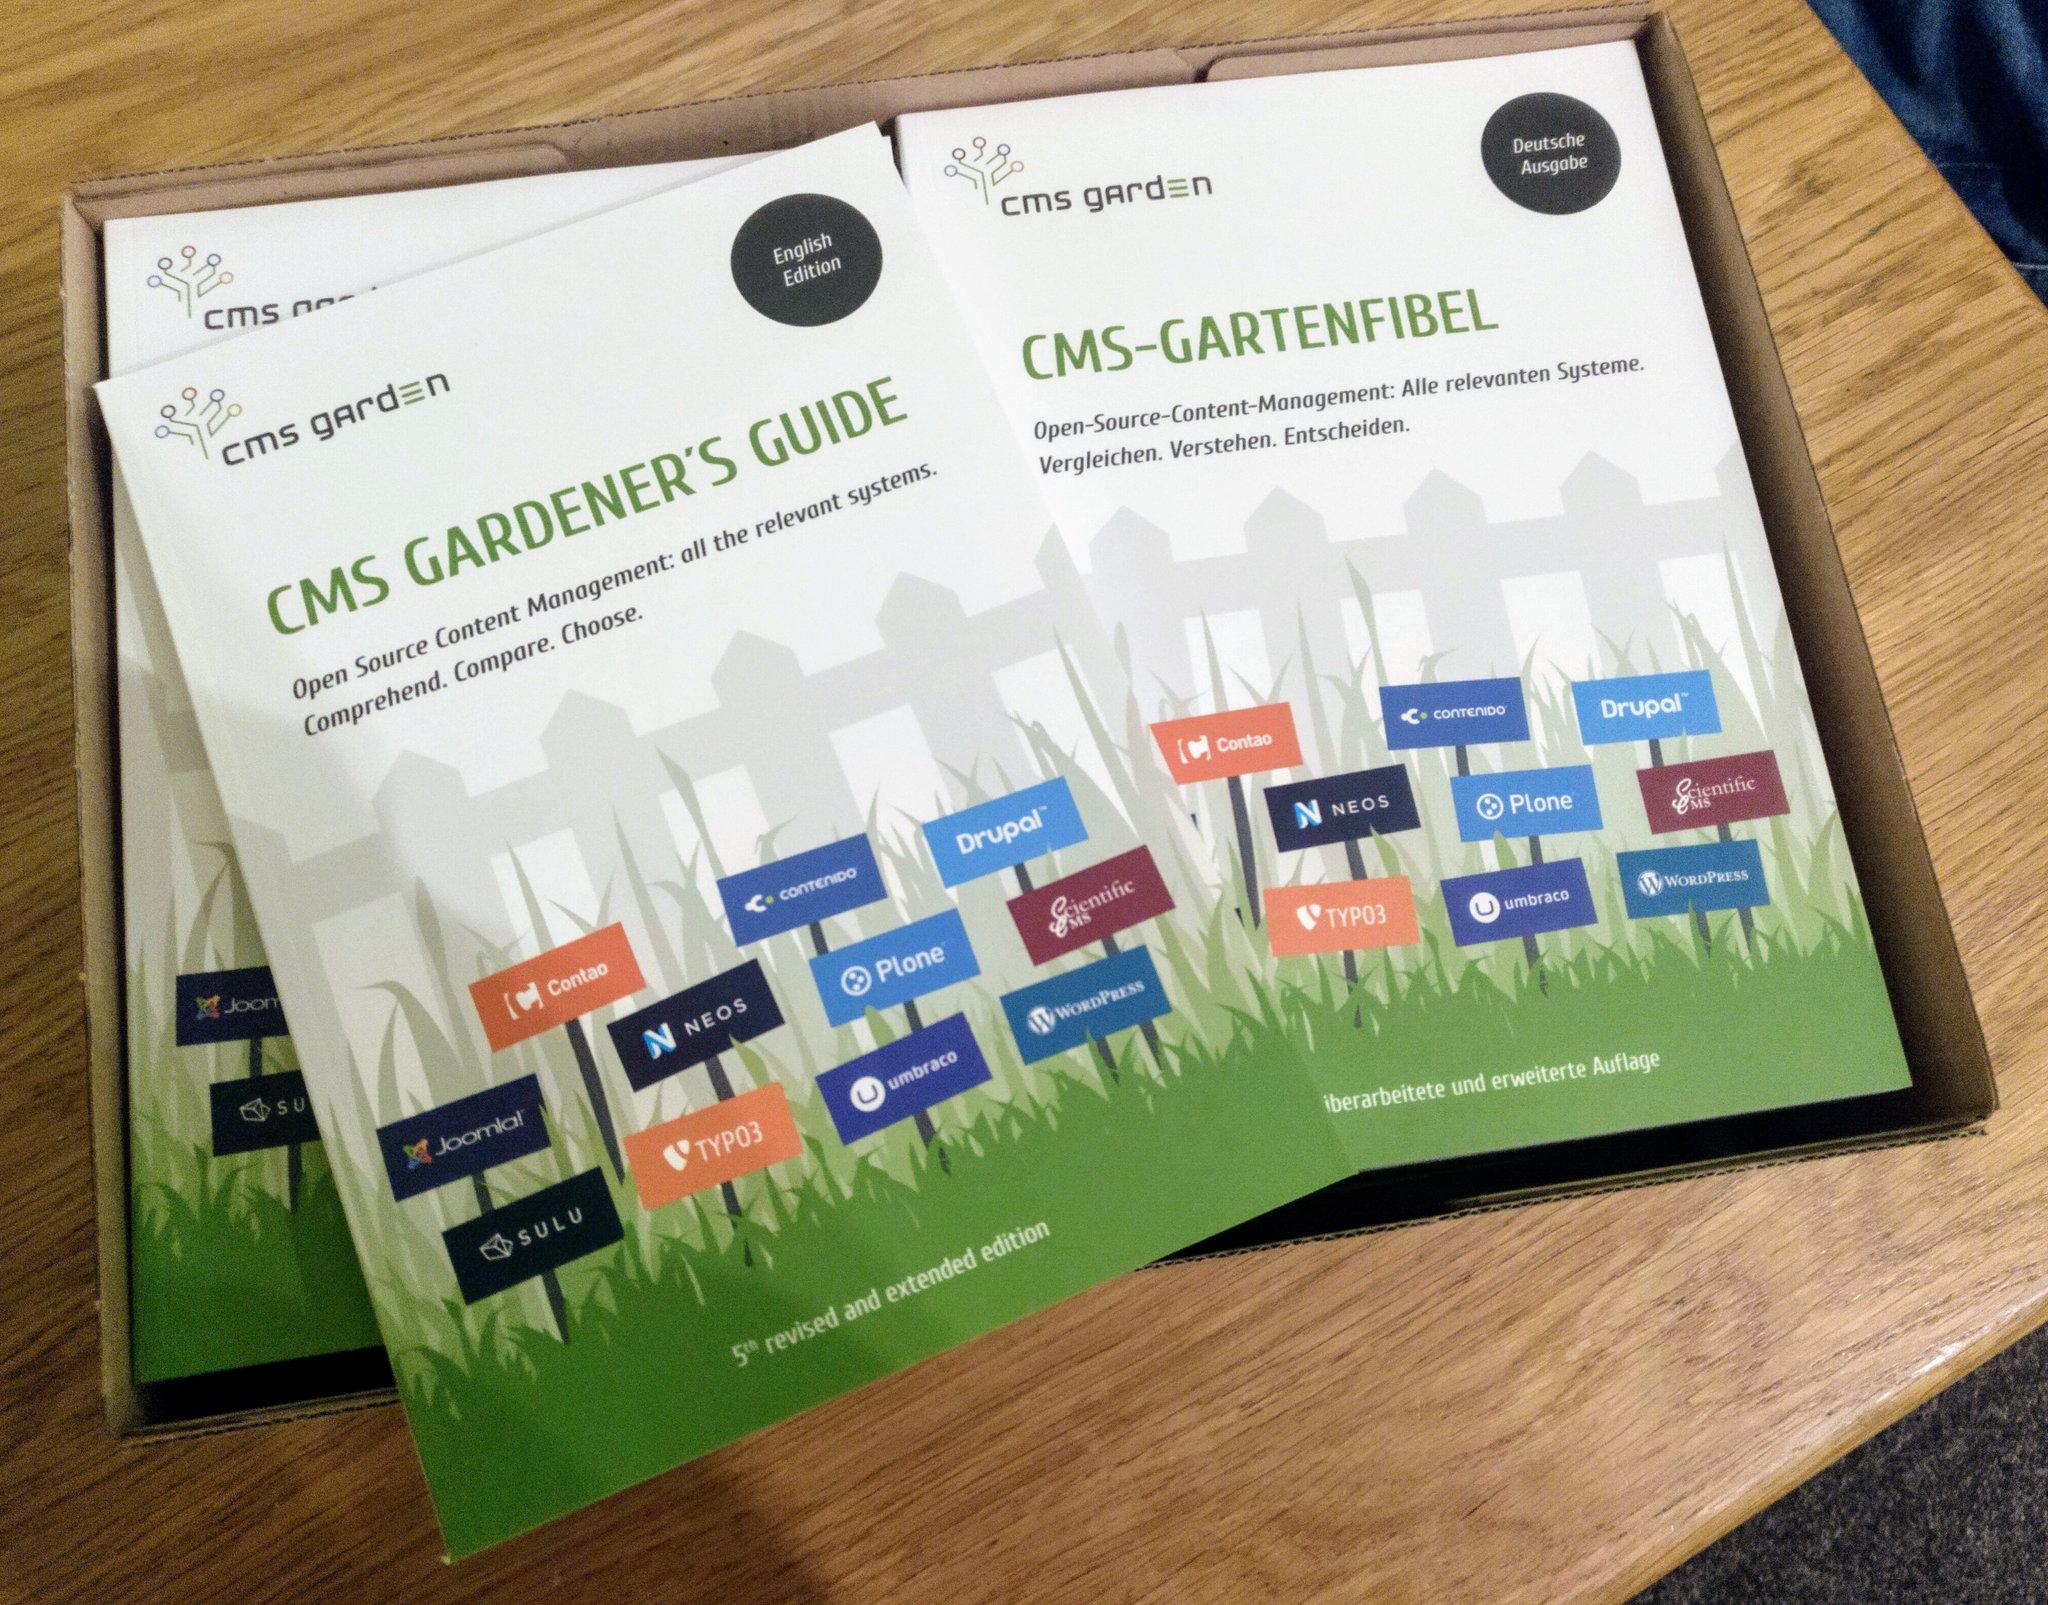 Karton mit Gartenfibeln, Umschlag mit englischsprachigem und - gedreht - deutschsprachigem Titel